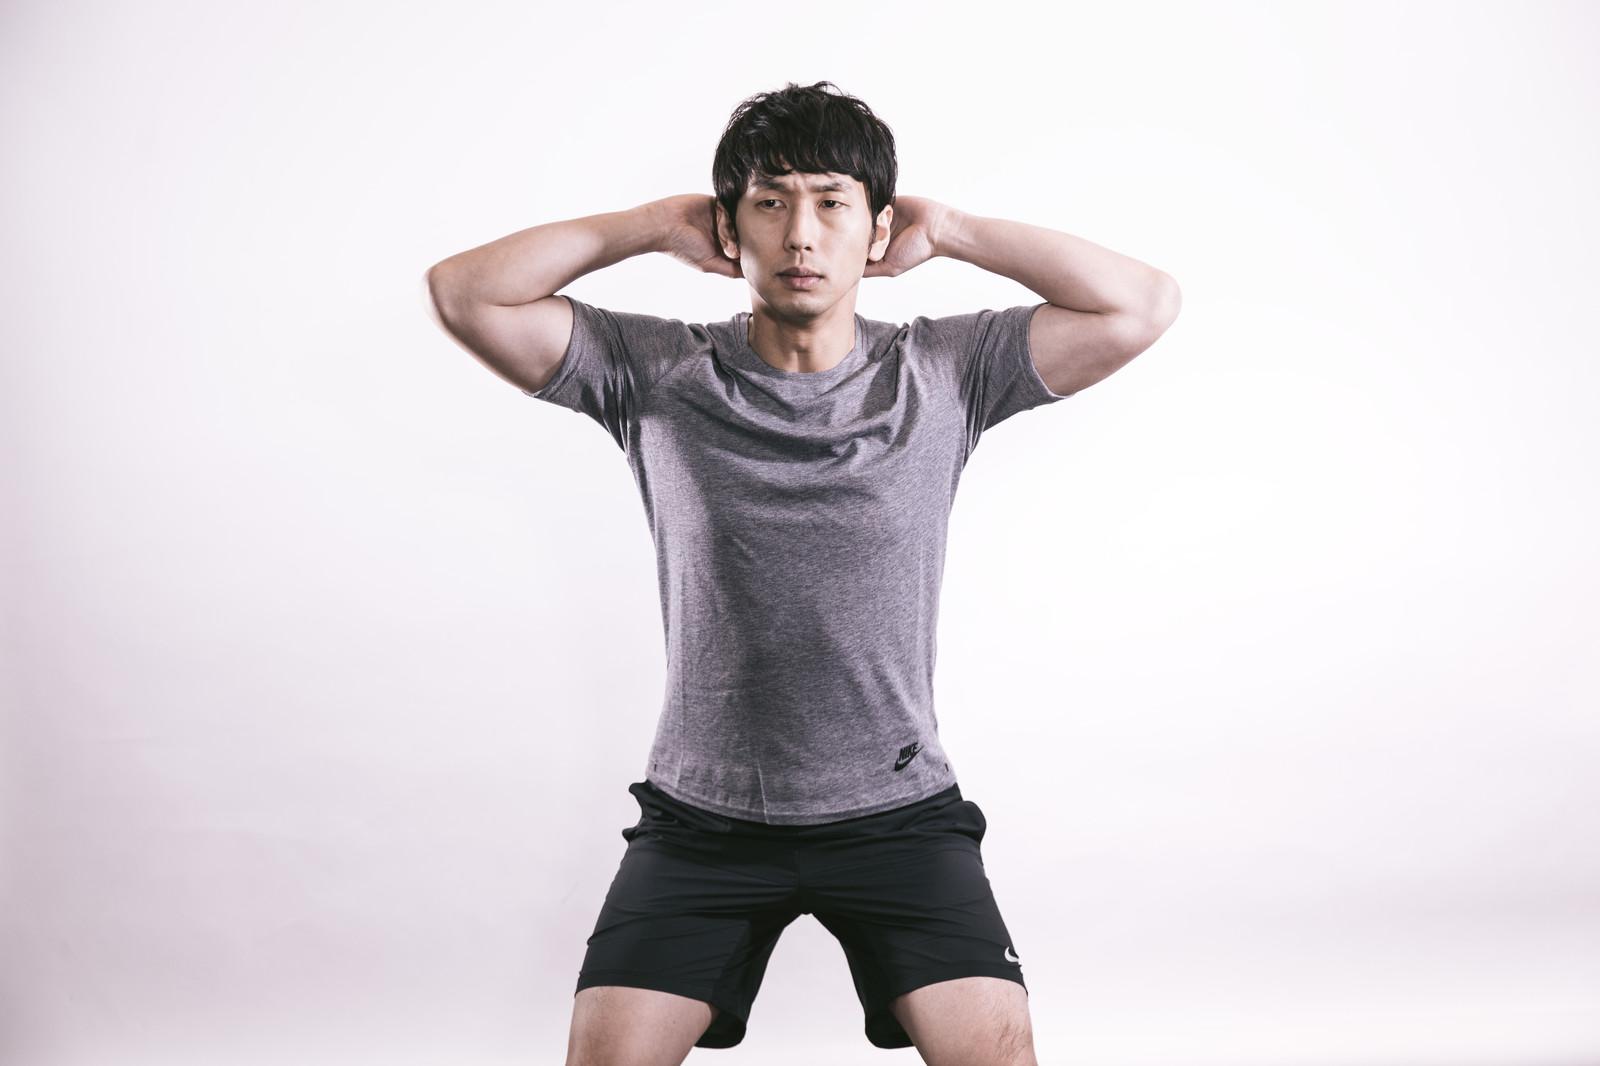 筋トレで太もも裏の筋肉を鍛える!ハムストリングスを鍛えよう